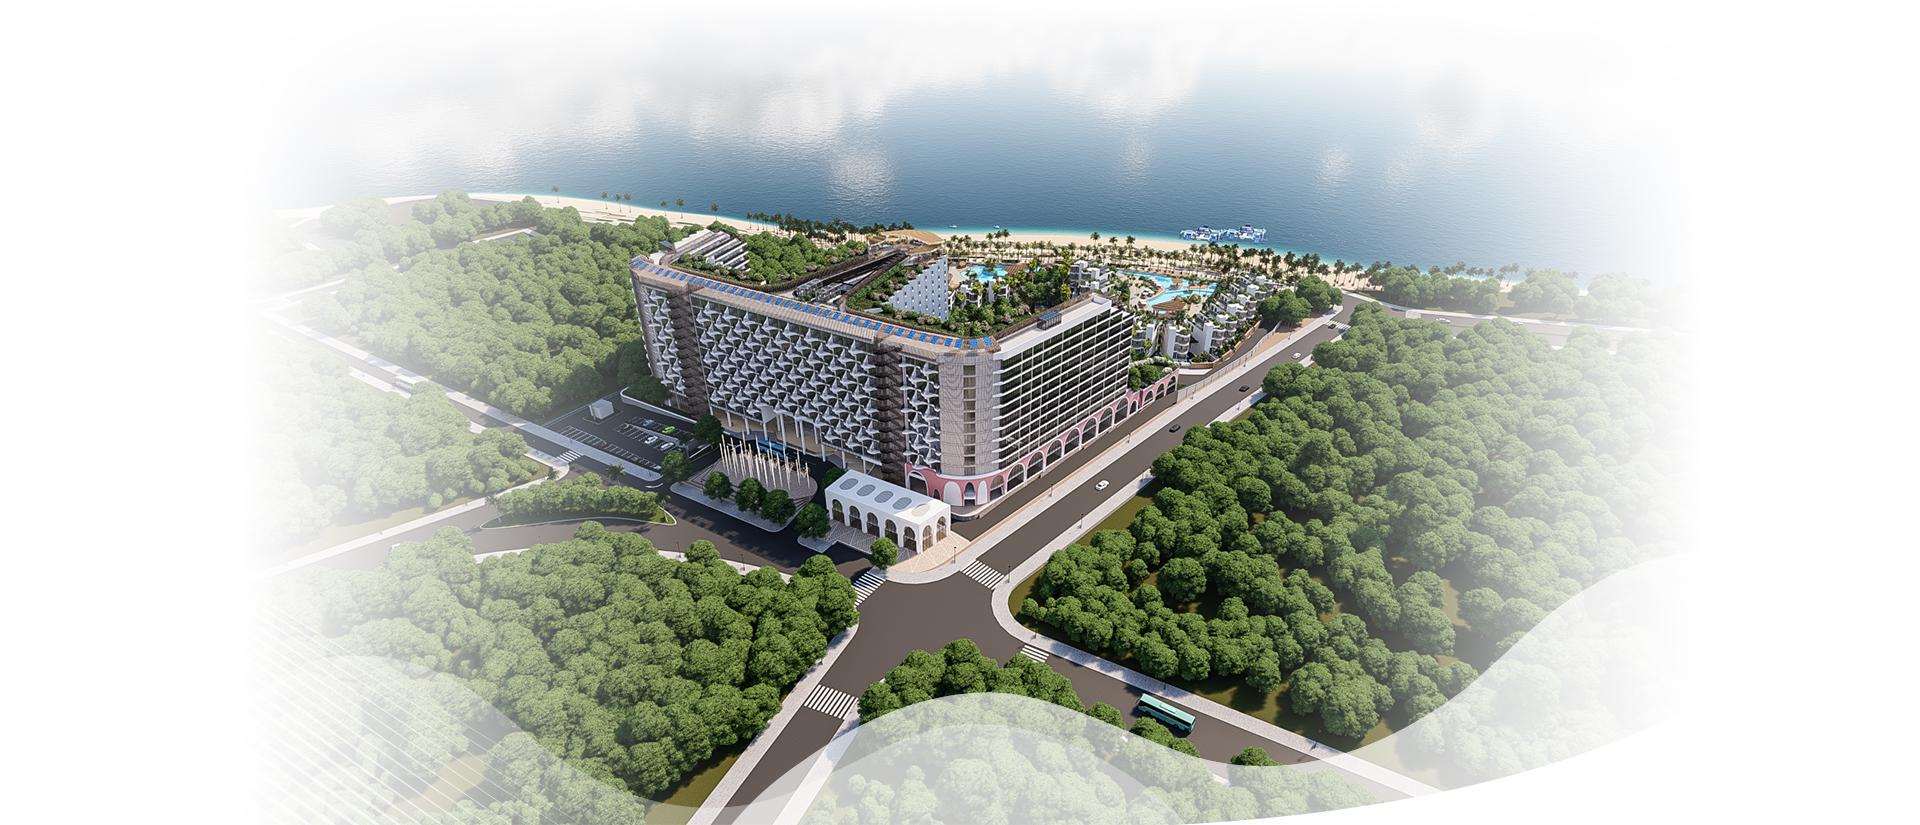 Căn hộ nghỉ dưỡng mang trải nghiệm khác biệt tại Charm Resort Long Hải 4